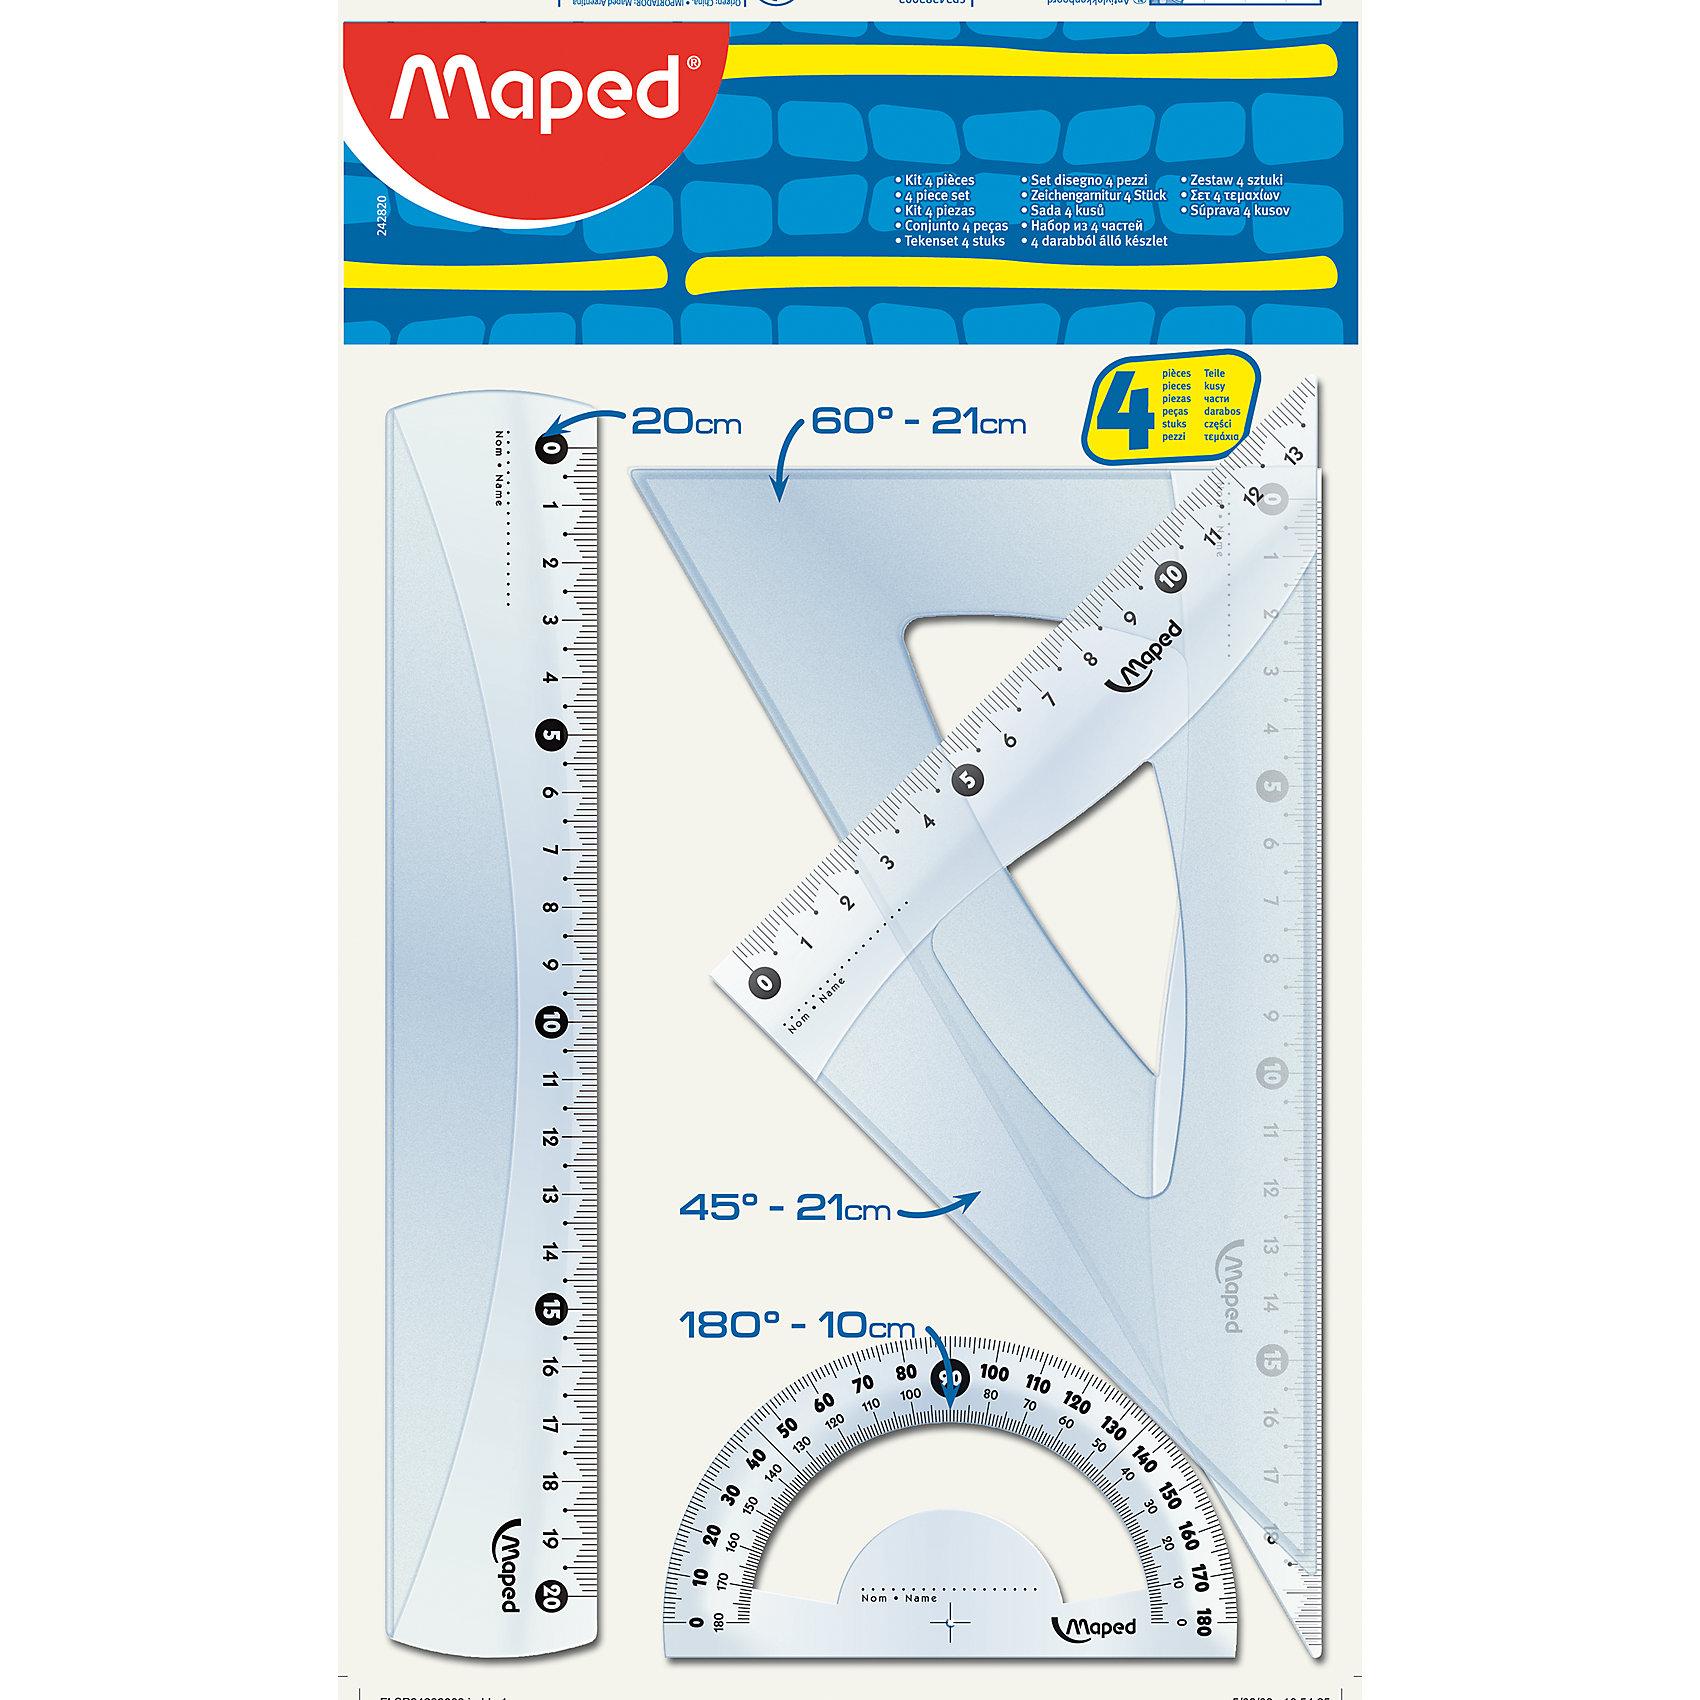 Набор чертежных инструментов START MIDI, MAPEDЧертежные принадлежности<br>Набор чертежных инструментов START MIDI, MAPED (МАПЕД).<br><br>Характеристики:<br><br>• Для детей в возрасте: от 6 лет<br>• В наборе: линейка 20 см, угольник 60°/21 см, угольник 45°/21 см, транспортир 180°/10 см.<br>• Материал: пластик<br>• Размер упаковки: 17,5 х 30,5 х 0,3 см.<br><br>Набор чертежных инструментов START MIDI, от MAPED (МАПЕД), выполненный из прозрачного пластика сиреневого цвета содержит все, что может понадобиться ученику на уроках математики. Чертежные инструменты разработаны с учетом всех потребностей ребенка. Деления нанесены с использованием ультрафиолетовых чернил для оптимальной стойкости. Шкала легкочитаемая: лучшая видимость нулевой отметки, выделены каждые 5 см. Набор удобный, компактный и мобильный.<br><br>Набор чертежных инструментов START MIDI, MAPED (МАПЕД) можно купить в нашем интернет-магазине.<br><br>Ширина мм: 288<br>Глубина мм: 173<br>Высота мм: 30<br>Вес г: 72<br>Возраст от месяцев: 72<br>Возраст до месяцев: 2147483647<br>Пол: Унисекс<br>Возраст: Детский<br>SKU: 5530046